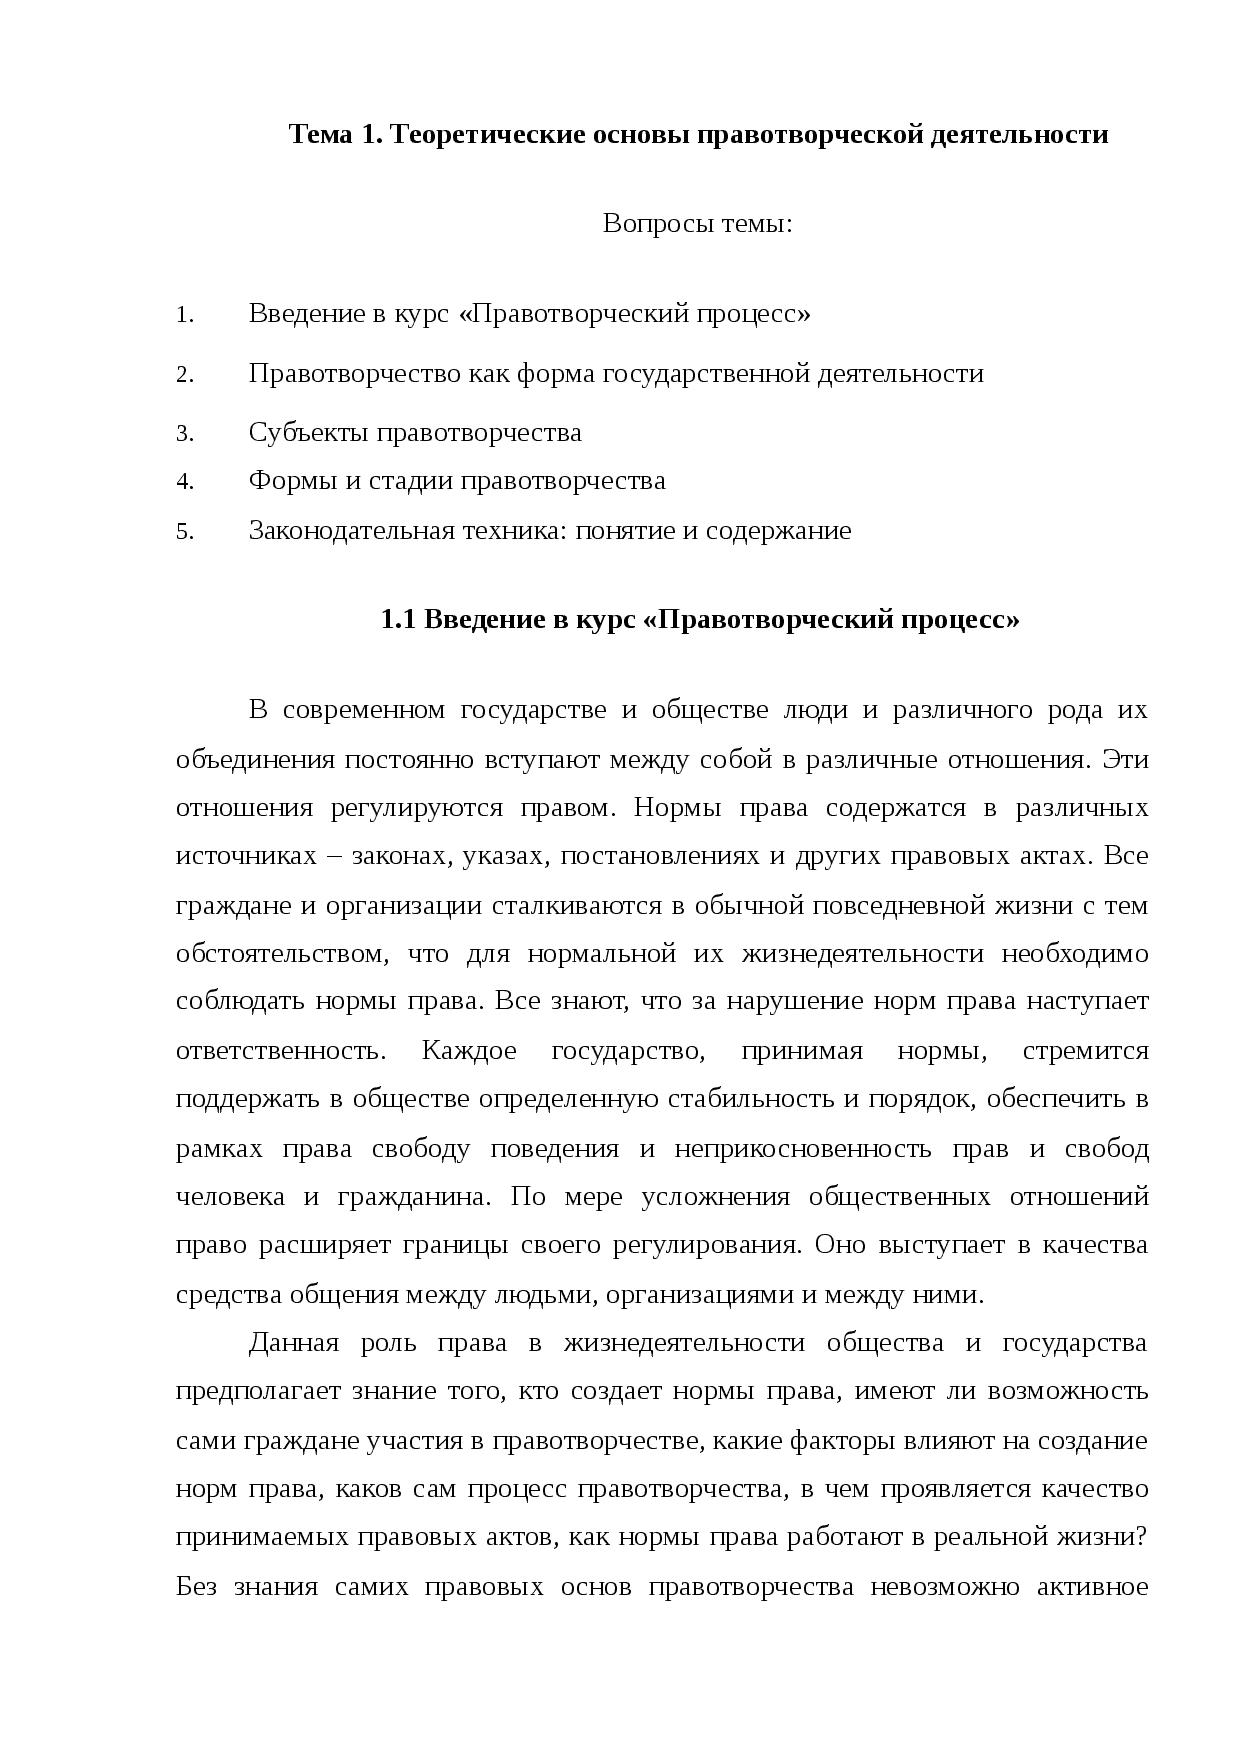 Правотворческий процесс: понятие и стадии